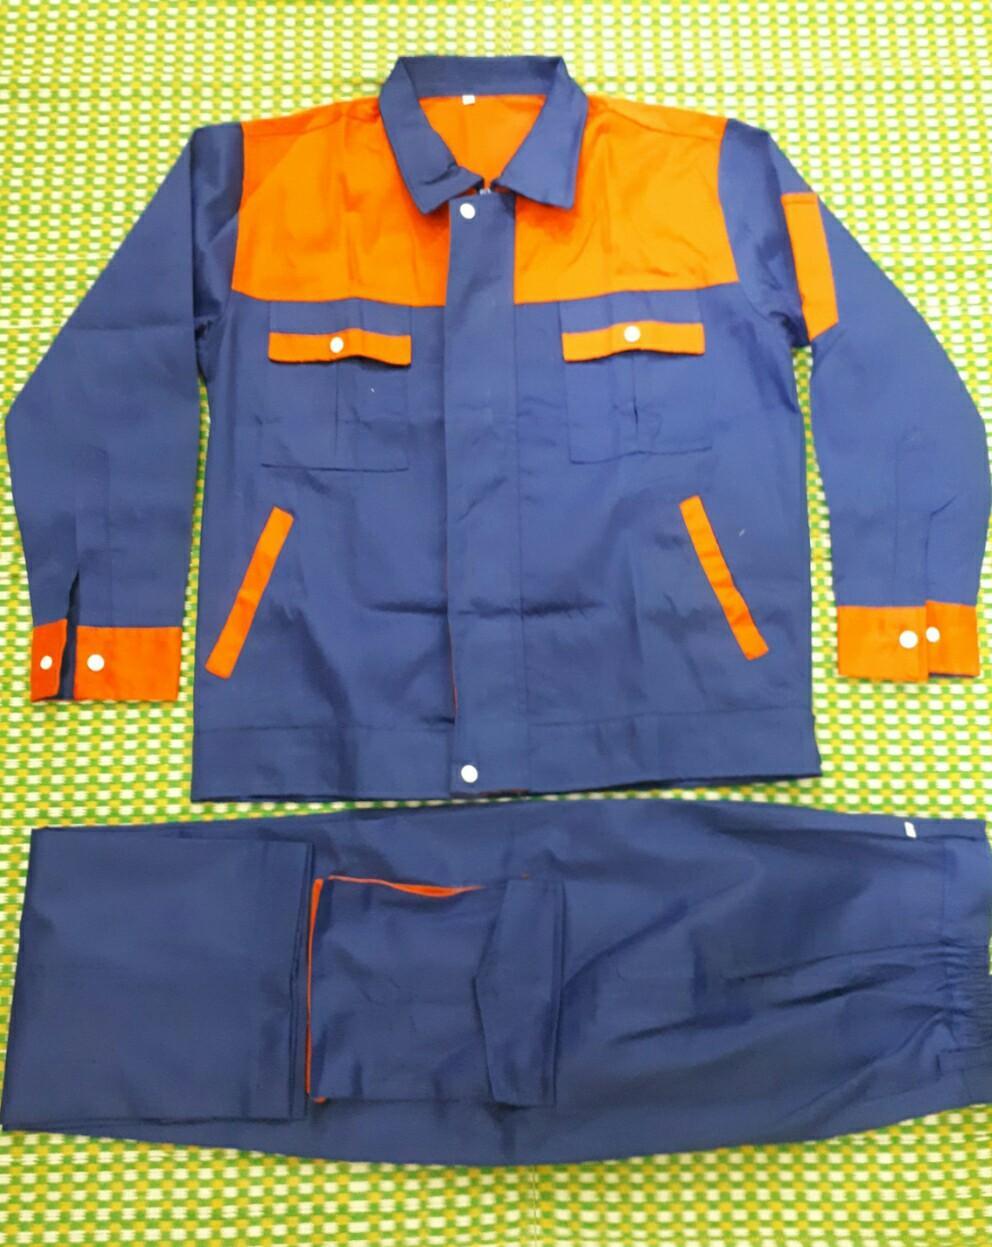 Bộ quần áo Bảo Hộ lao động Kaki màu Xanh pha Cam size 6 (M)